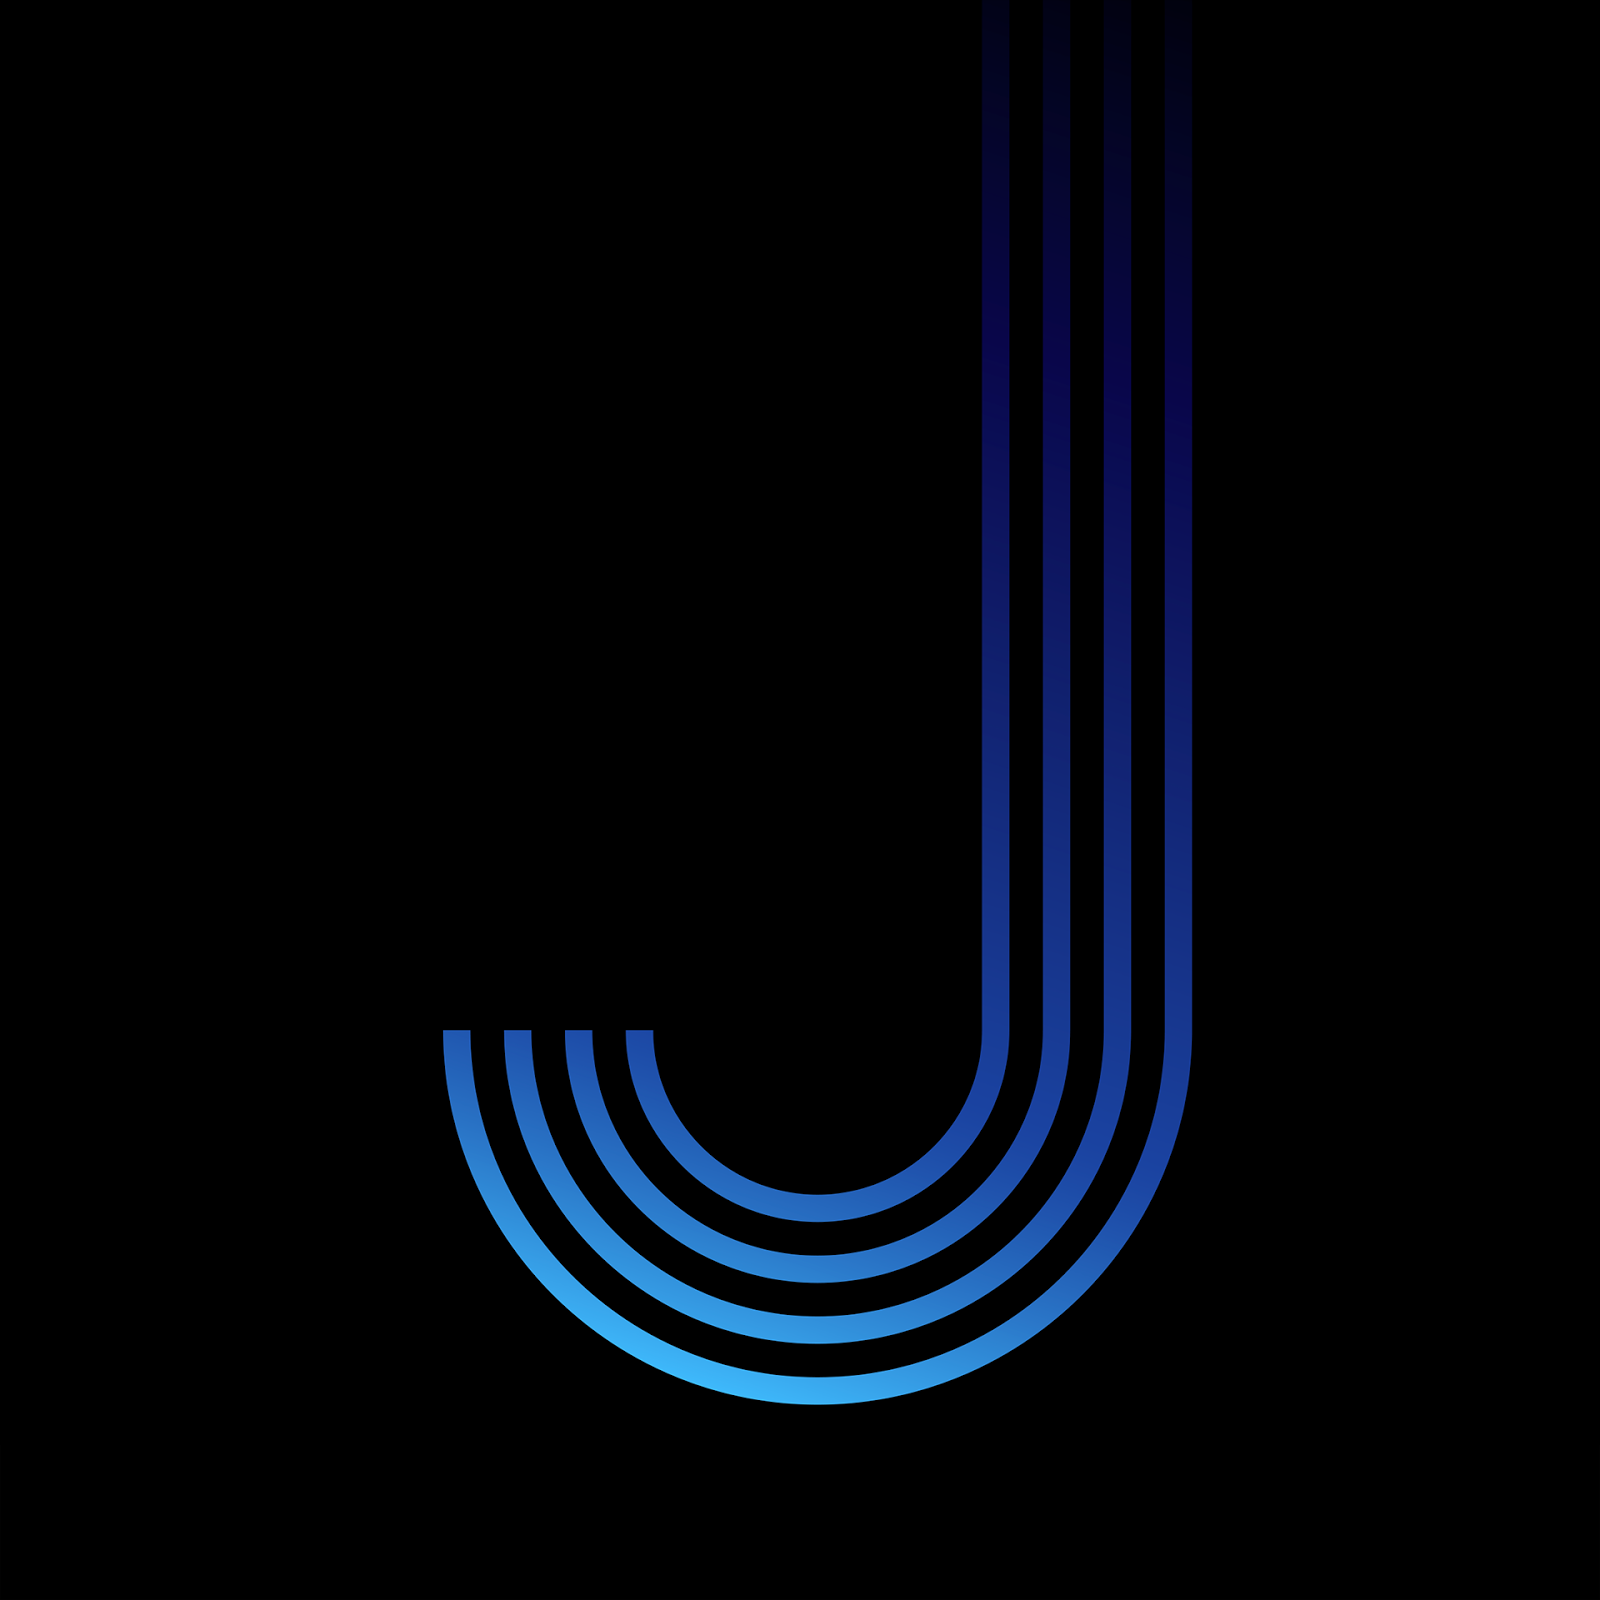 Samsung galaxy j 2017 ecco gli sfondi originali for Sfondi cellulare samsung galaxy